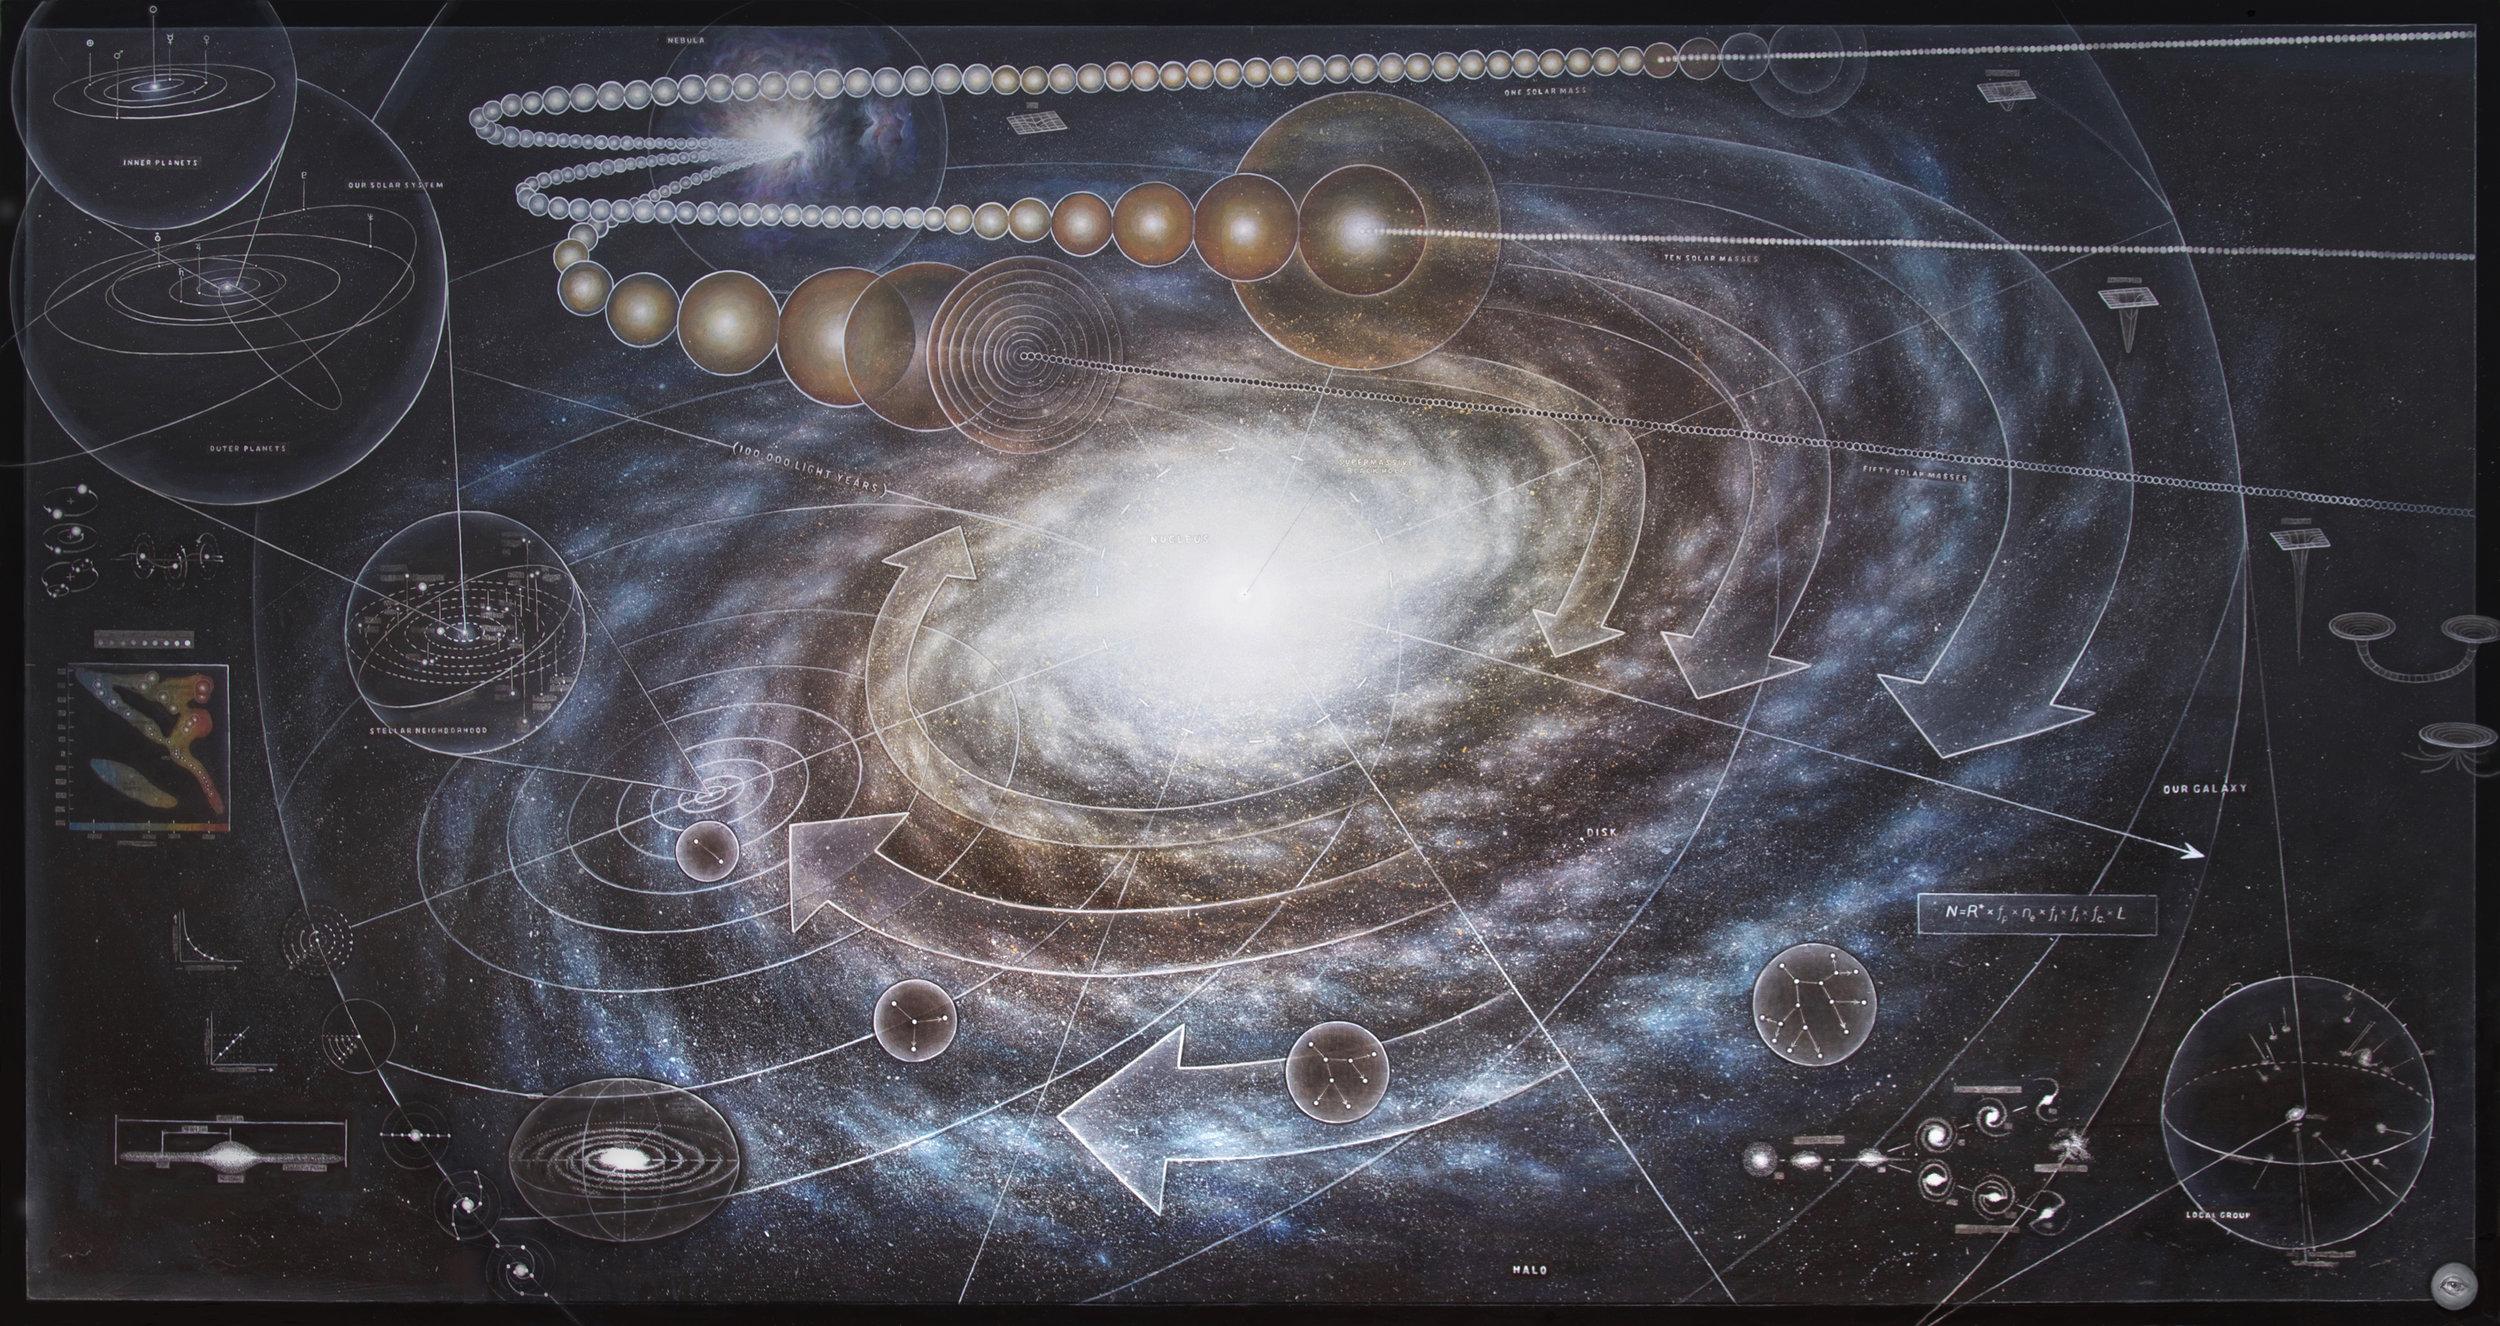 Galaxy-v-1-2-casey-cripe.jpg